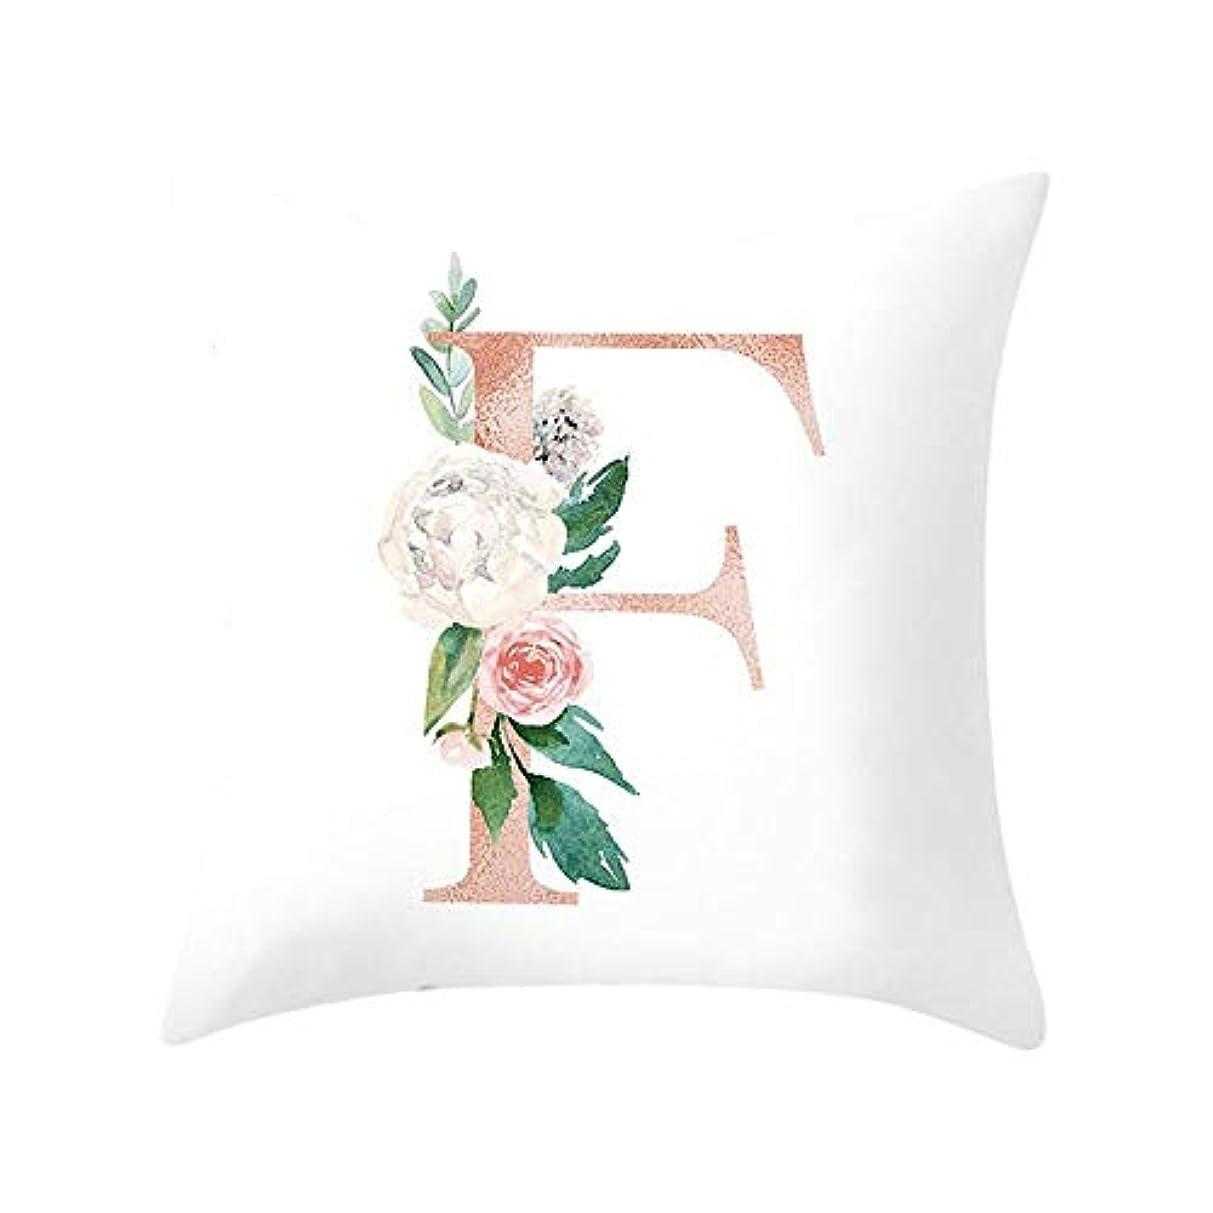 人道的引数早めるLIFE 装飾クッションソファ手紙枕アルファベットクッション印刷ソファ家の装飾の花枕 coussin decoratif クッション 椅子